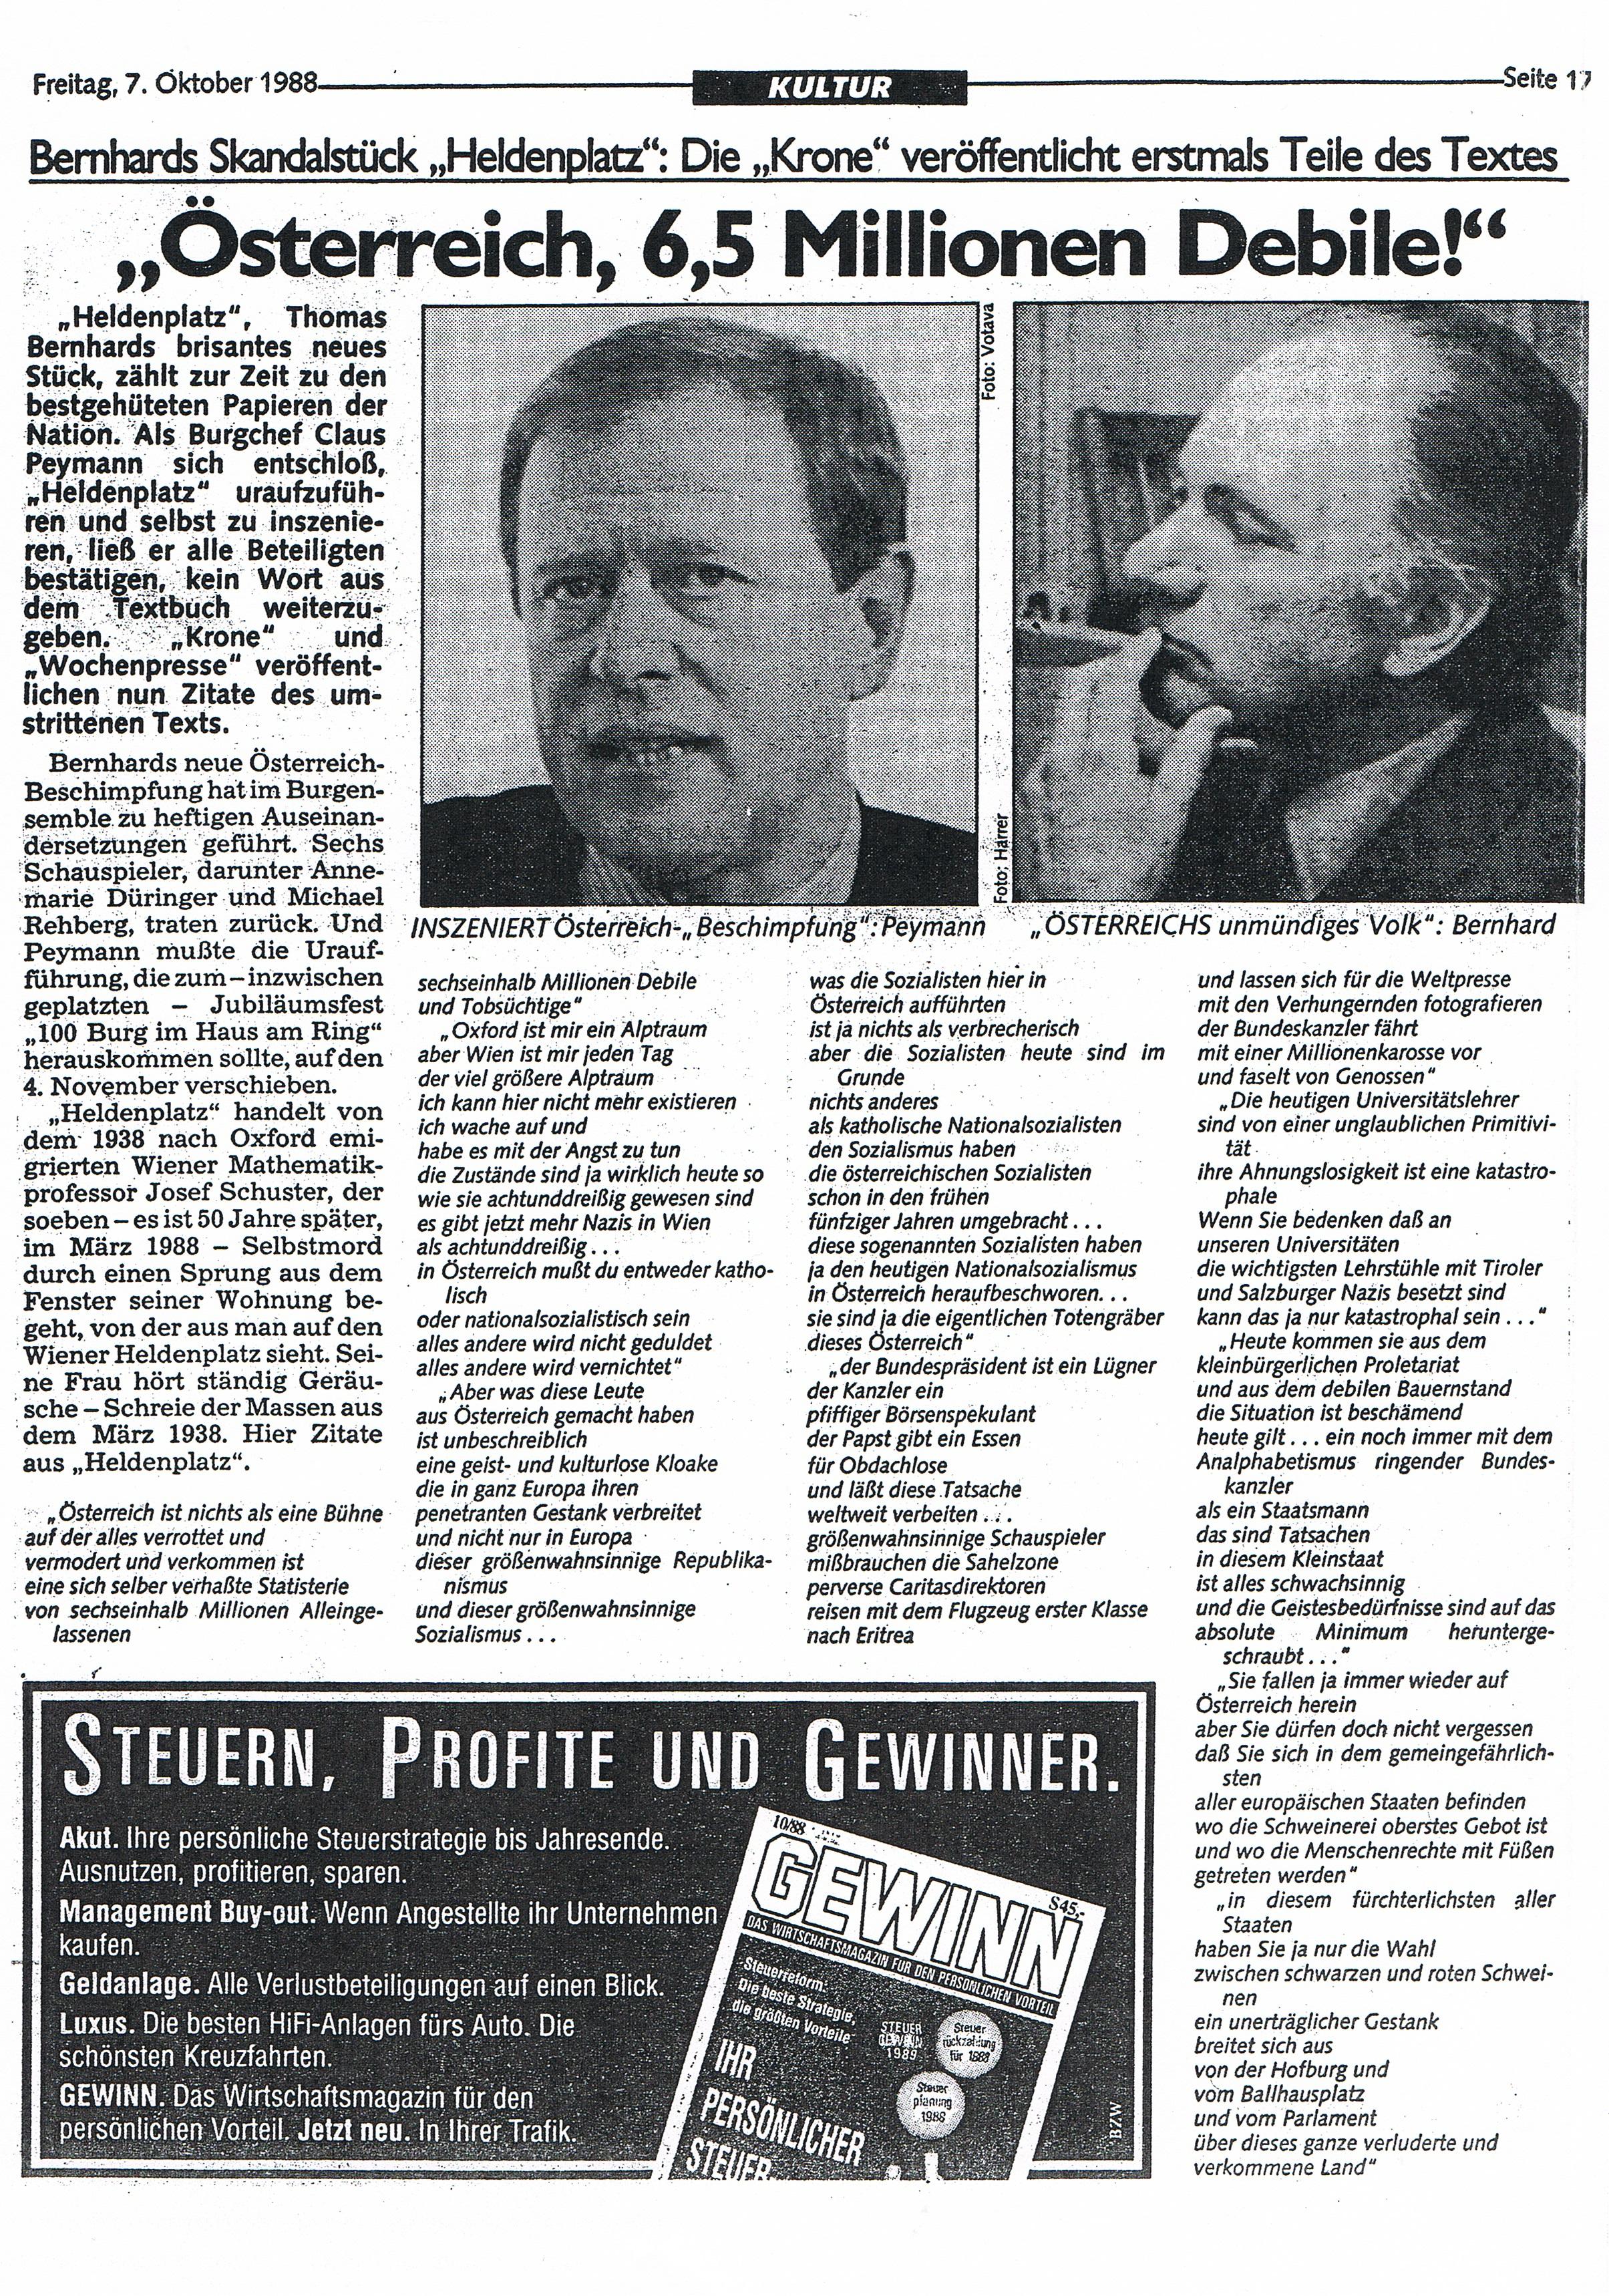 19881007 KRONE KULTUR Seite 17 OESTERREICH, 6,5 MILLIONEN DEBILE